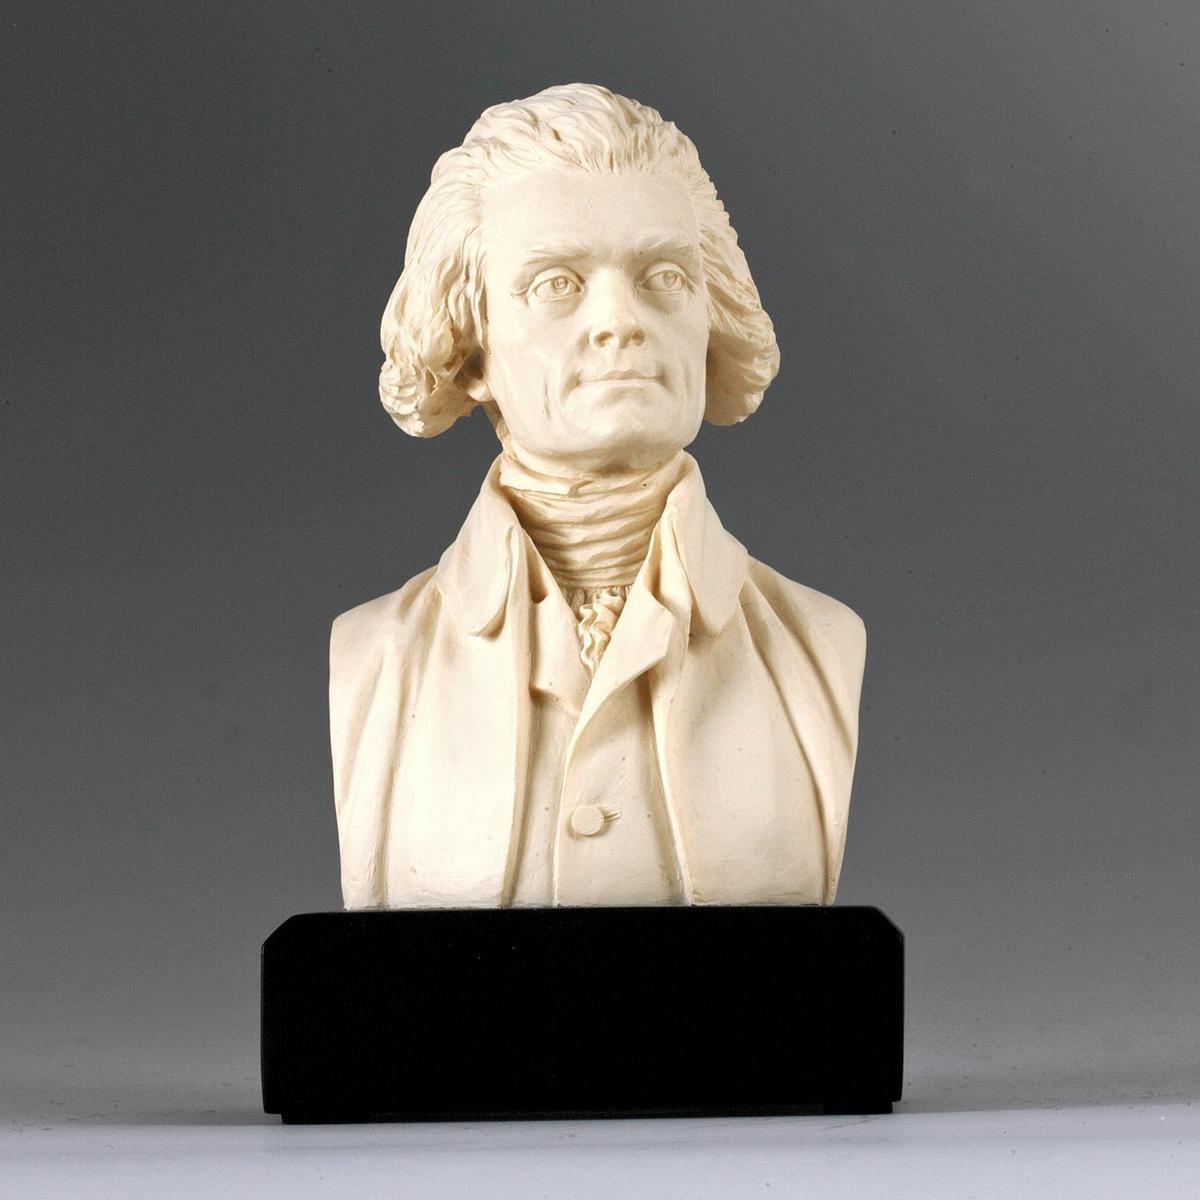 アート インテリア 飾り 彫刻 オブジェ 石像 置物 トーマス・ジェファーソン アメリカ 政治家 大統領